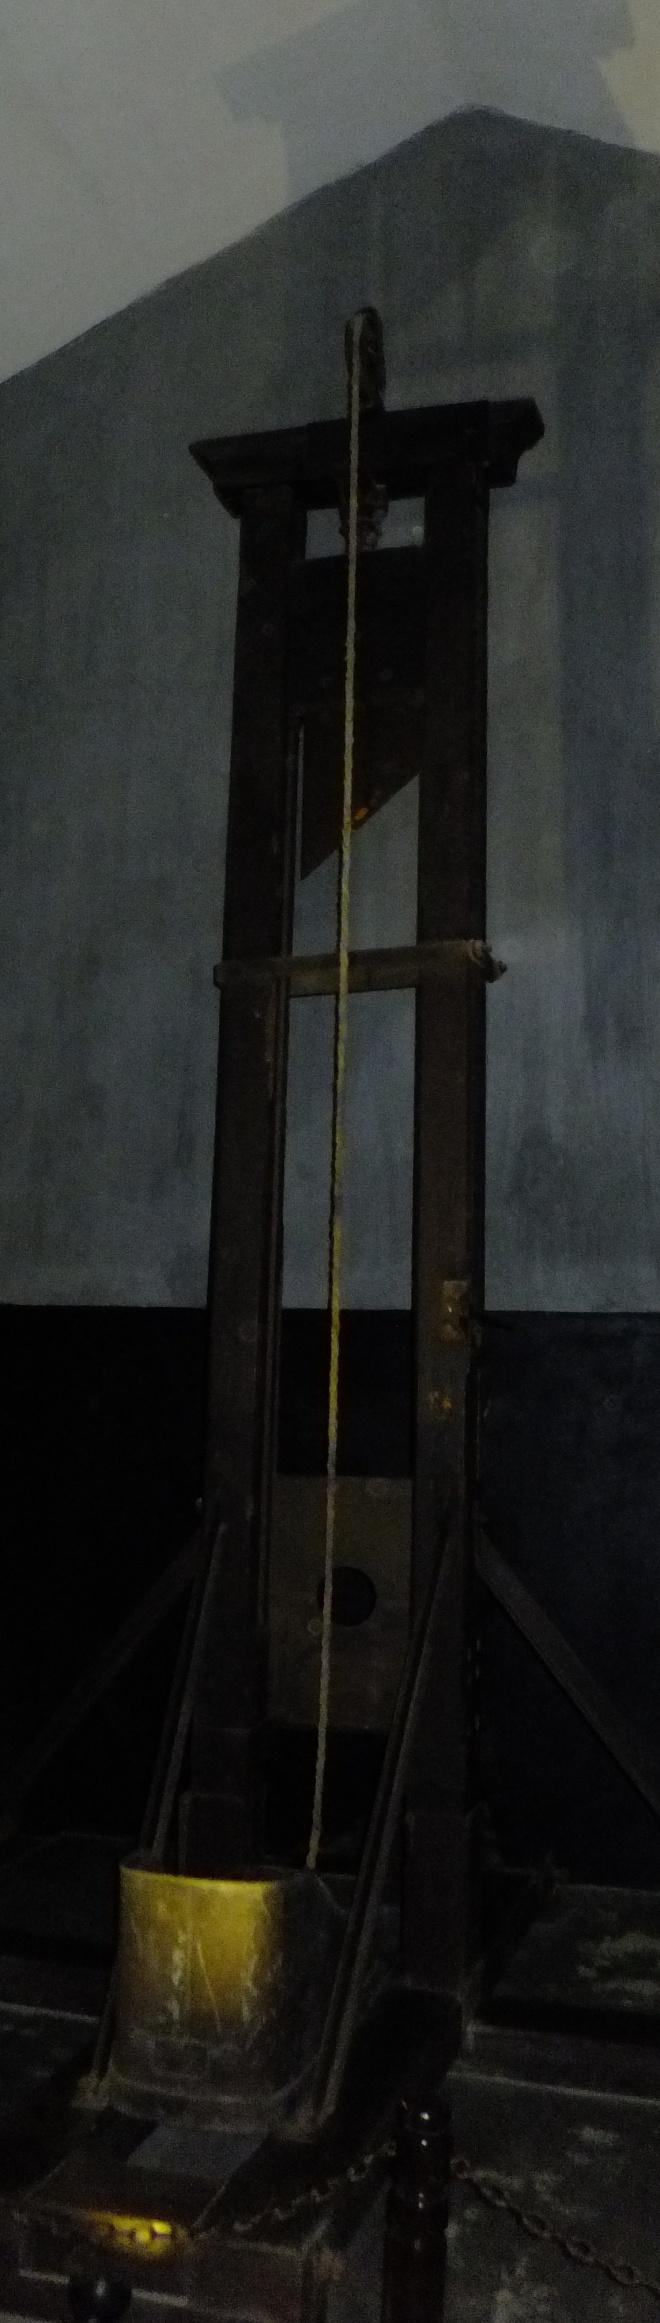 Guillotine at Hoa Lo prison